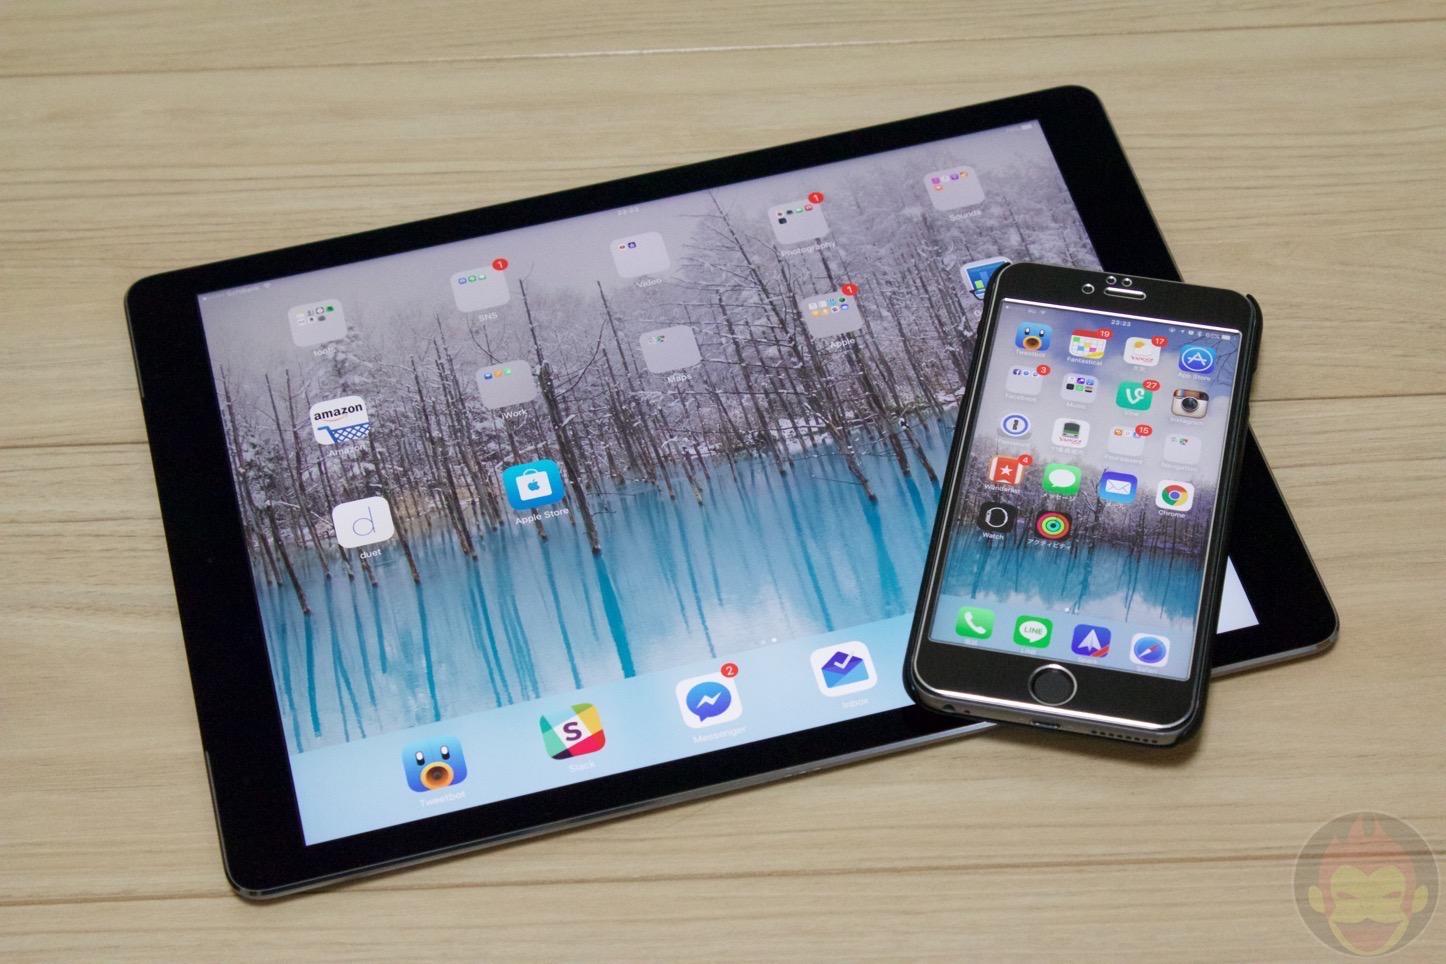 「iPad Pro」レビュー:MacBookに代わるデバイスになり得るのか